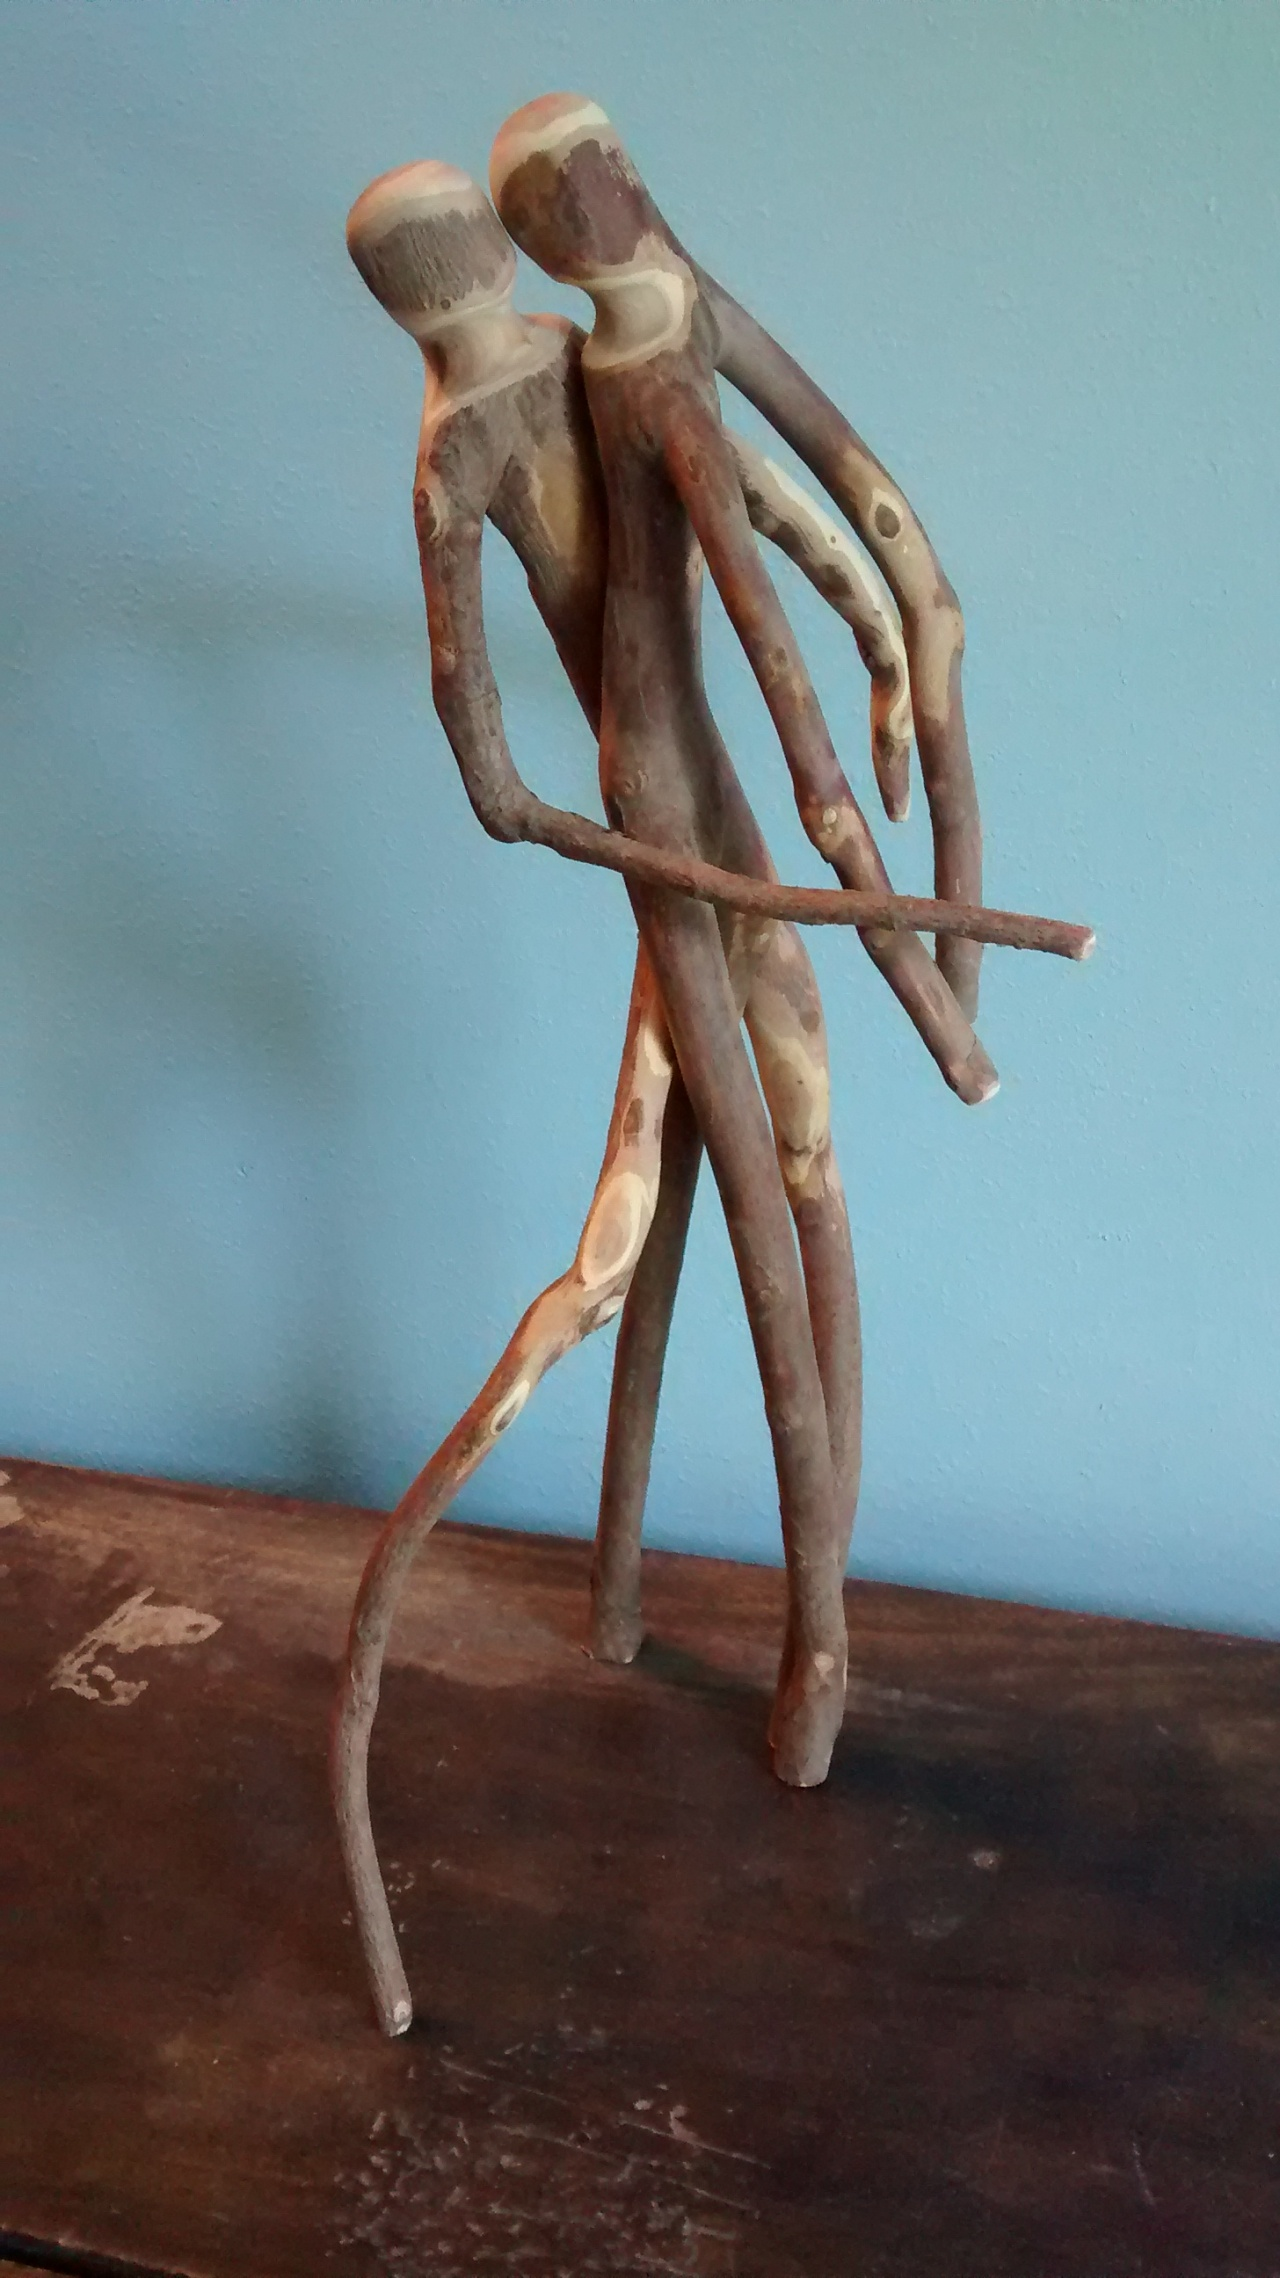 Stick Art August#81815